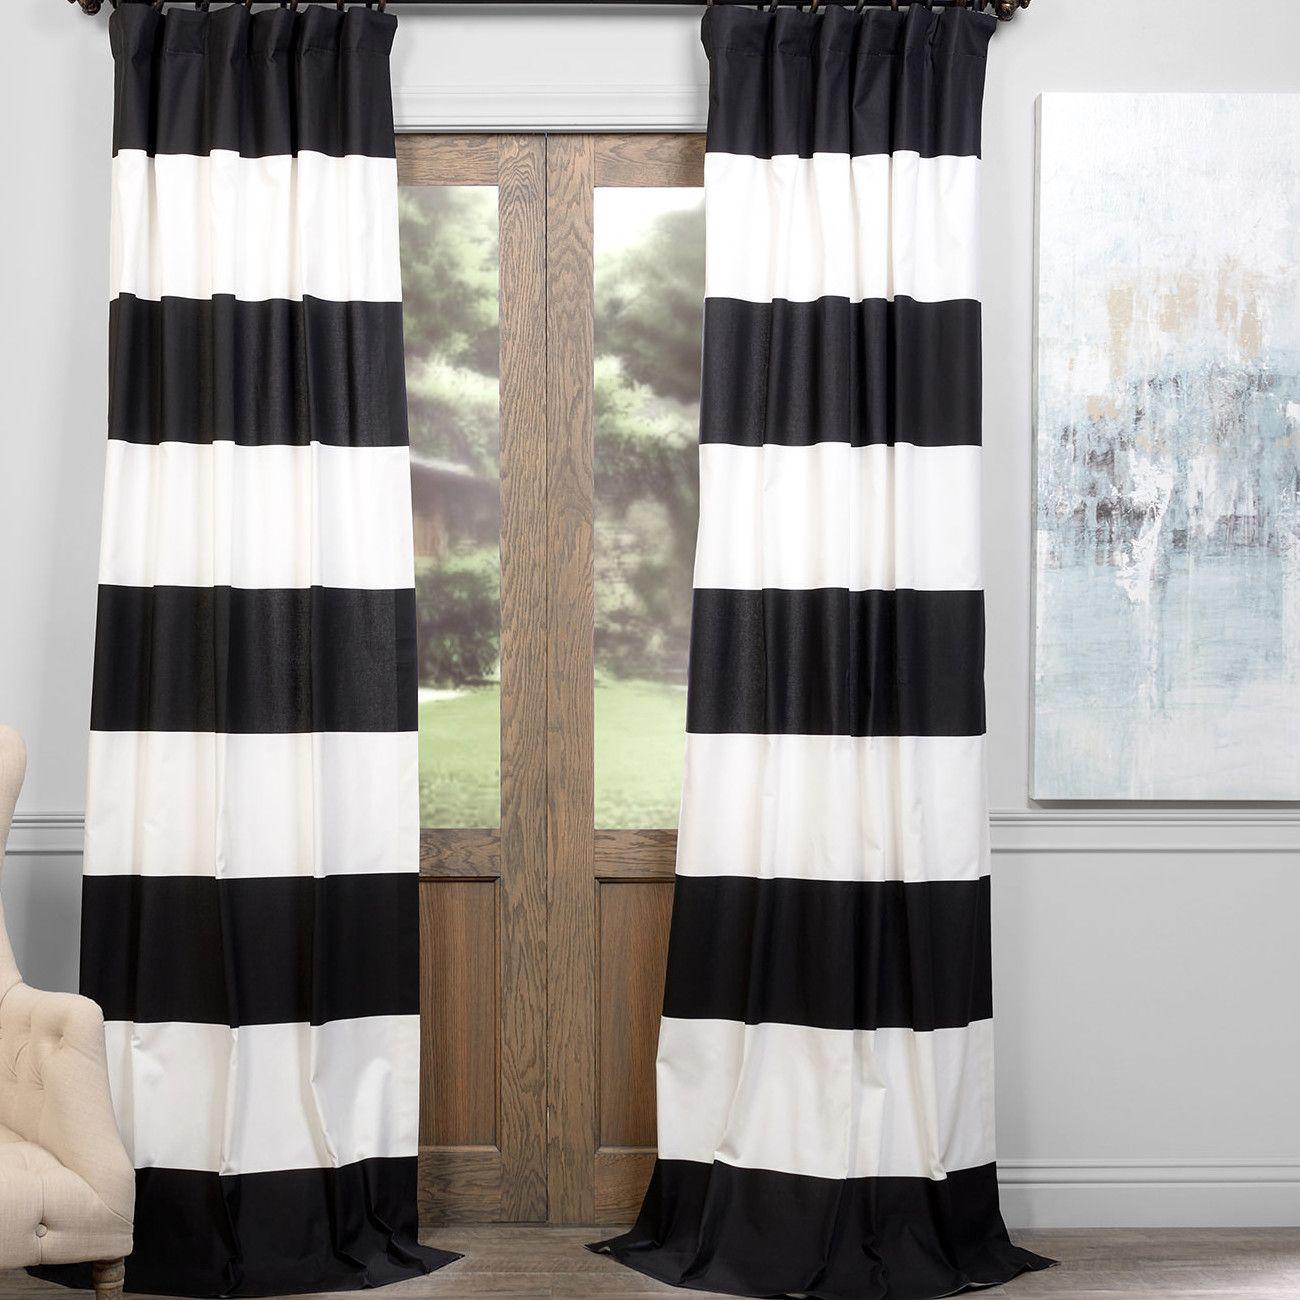 Wilkesville 100 Cotton Striped Room Darkening Thermal Rod Pocket